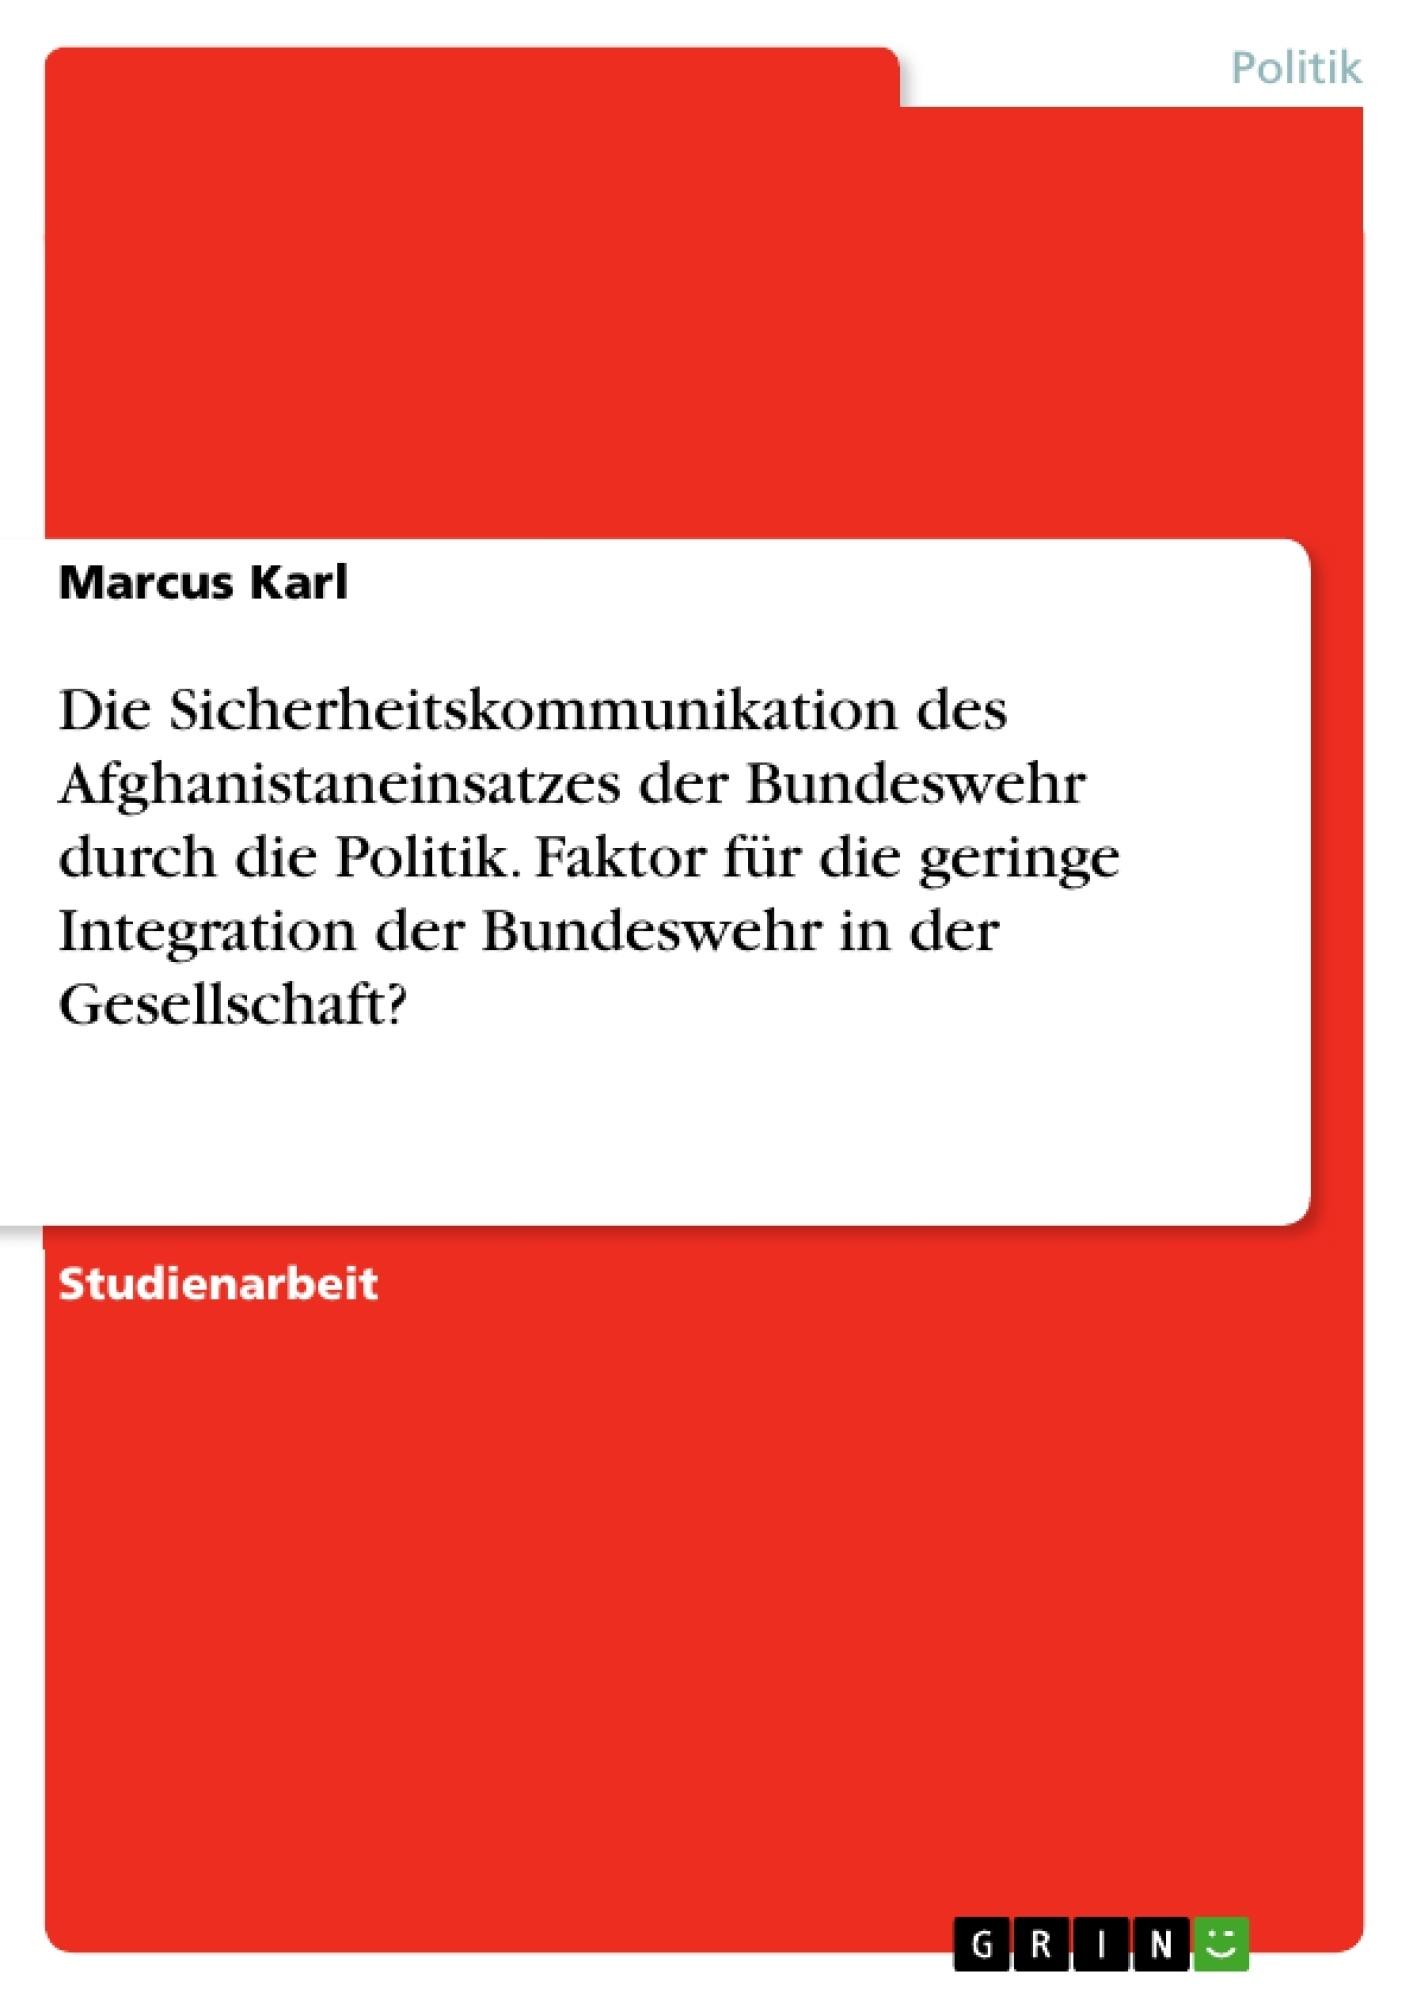 Titel: Die Sicherheitskommunikation des Afghanistaneinsatzes der Bundeswehr durch die Politik. Faktor für die geringe Integration der Bundeswehr in der Gesellschaft?